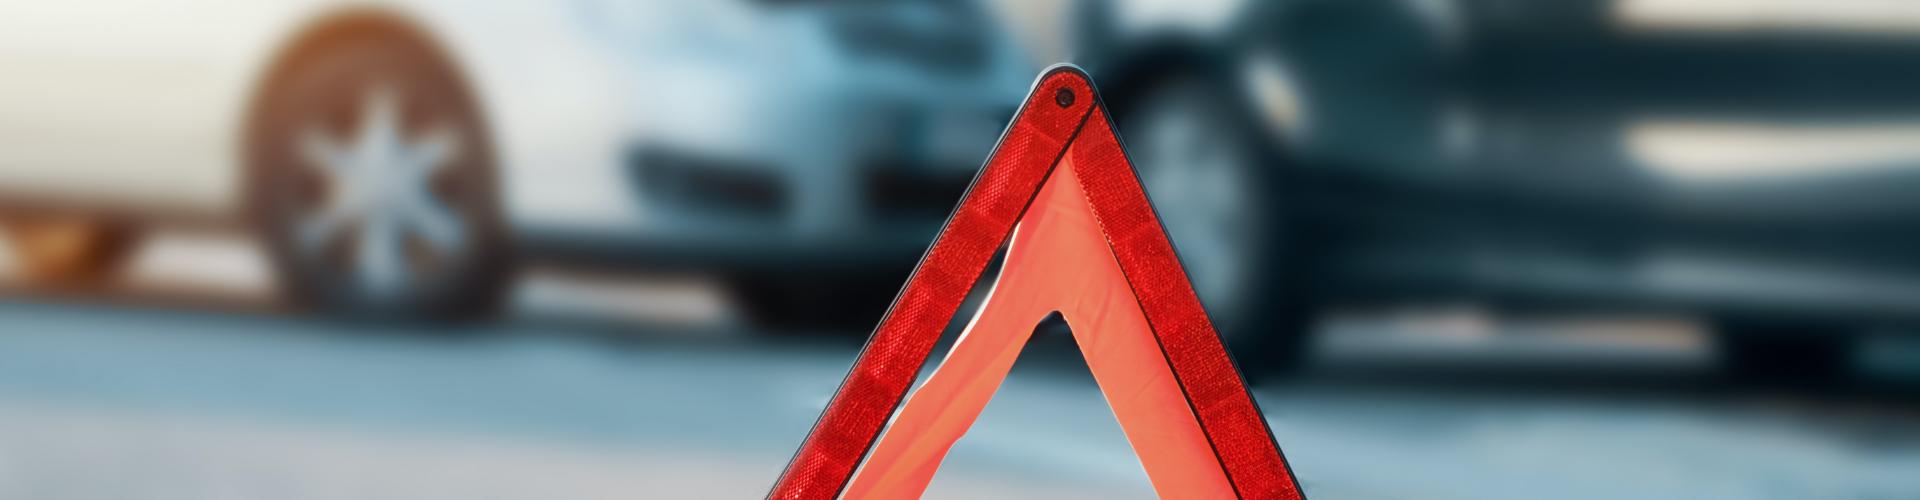 <span>Prévention – </span>L'accident de circulation